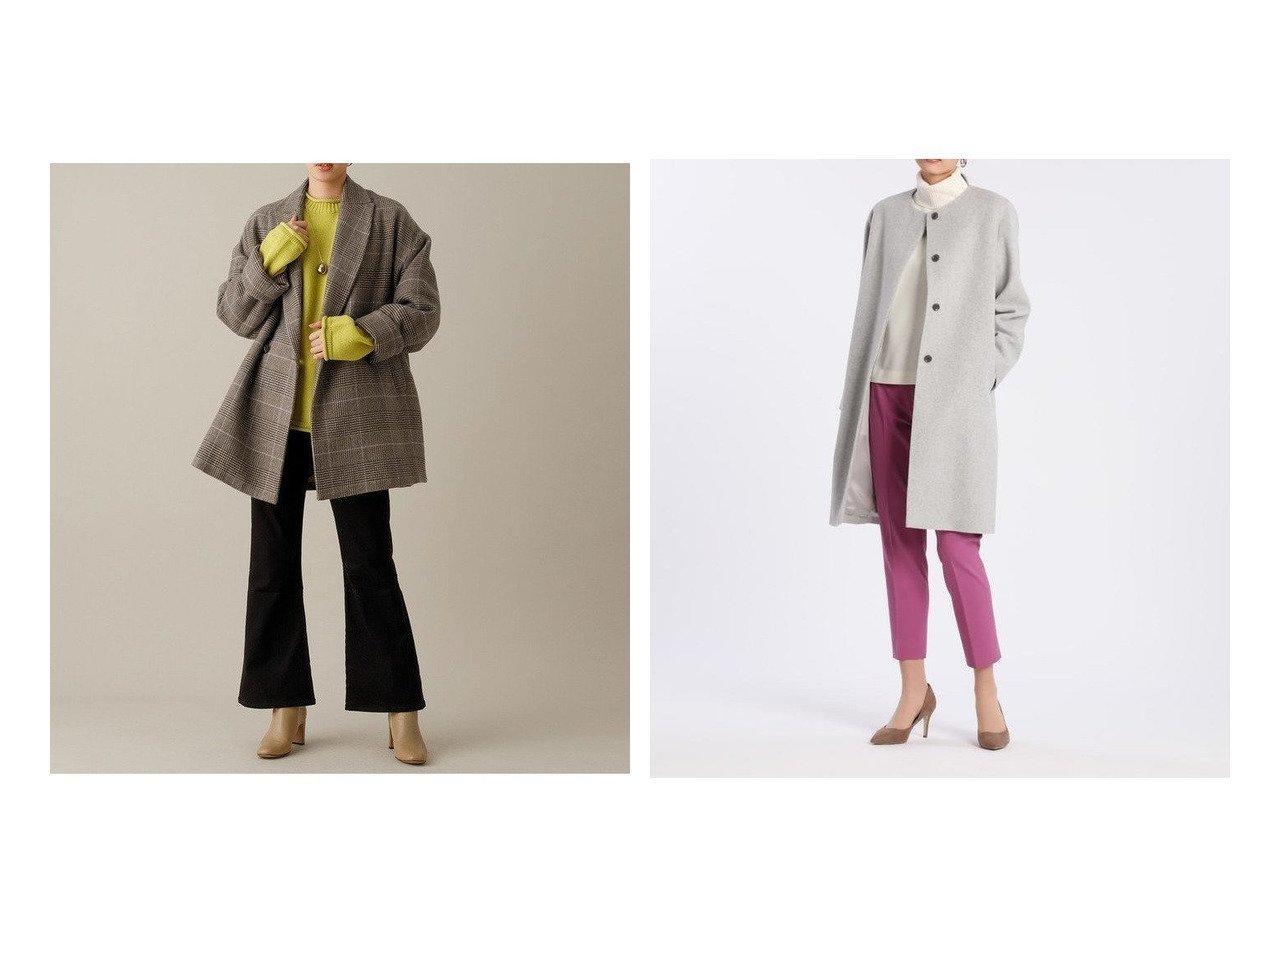 【INED/イネド】のノーカラーコート《Super110 s Wool》&【Adam et Rope/アダム エ ロペ】のテーラードジャケットコート アウターのおすすめ!人気、レディースファッションの通販 おすすめで人気のファッション通販商品 インテリア・家具・キッズファッション・メンズファッション・レディースファッション・服の通販 founy(ファニー) https://founy.com/ ファッション Fashion レディース WOMEN アウター Coat Outerwear コート Coats ジャケット Jackets テーラードジャケット Tailored Jackets ショート シンプル ジャケット チェック フェミニン ポケット 無地 クラシカル 冬 Winter  ID:crp329100000001682